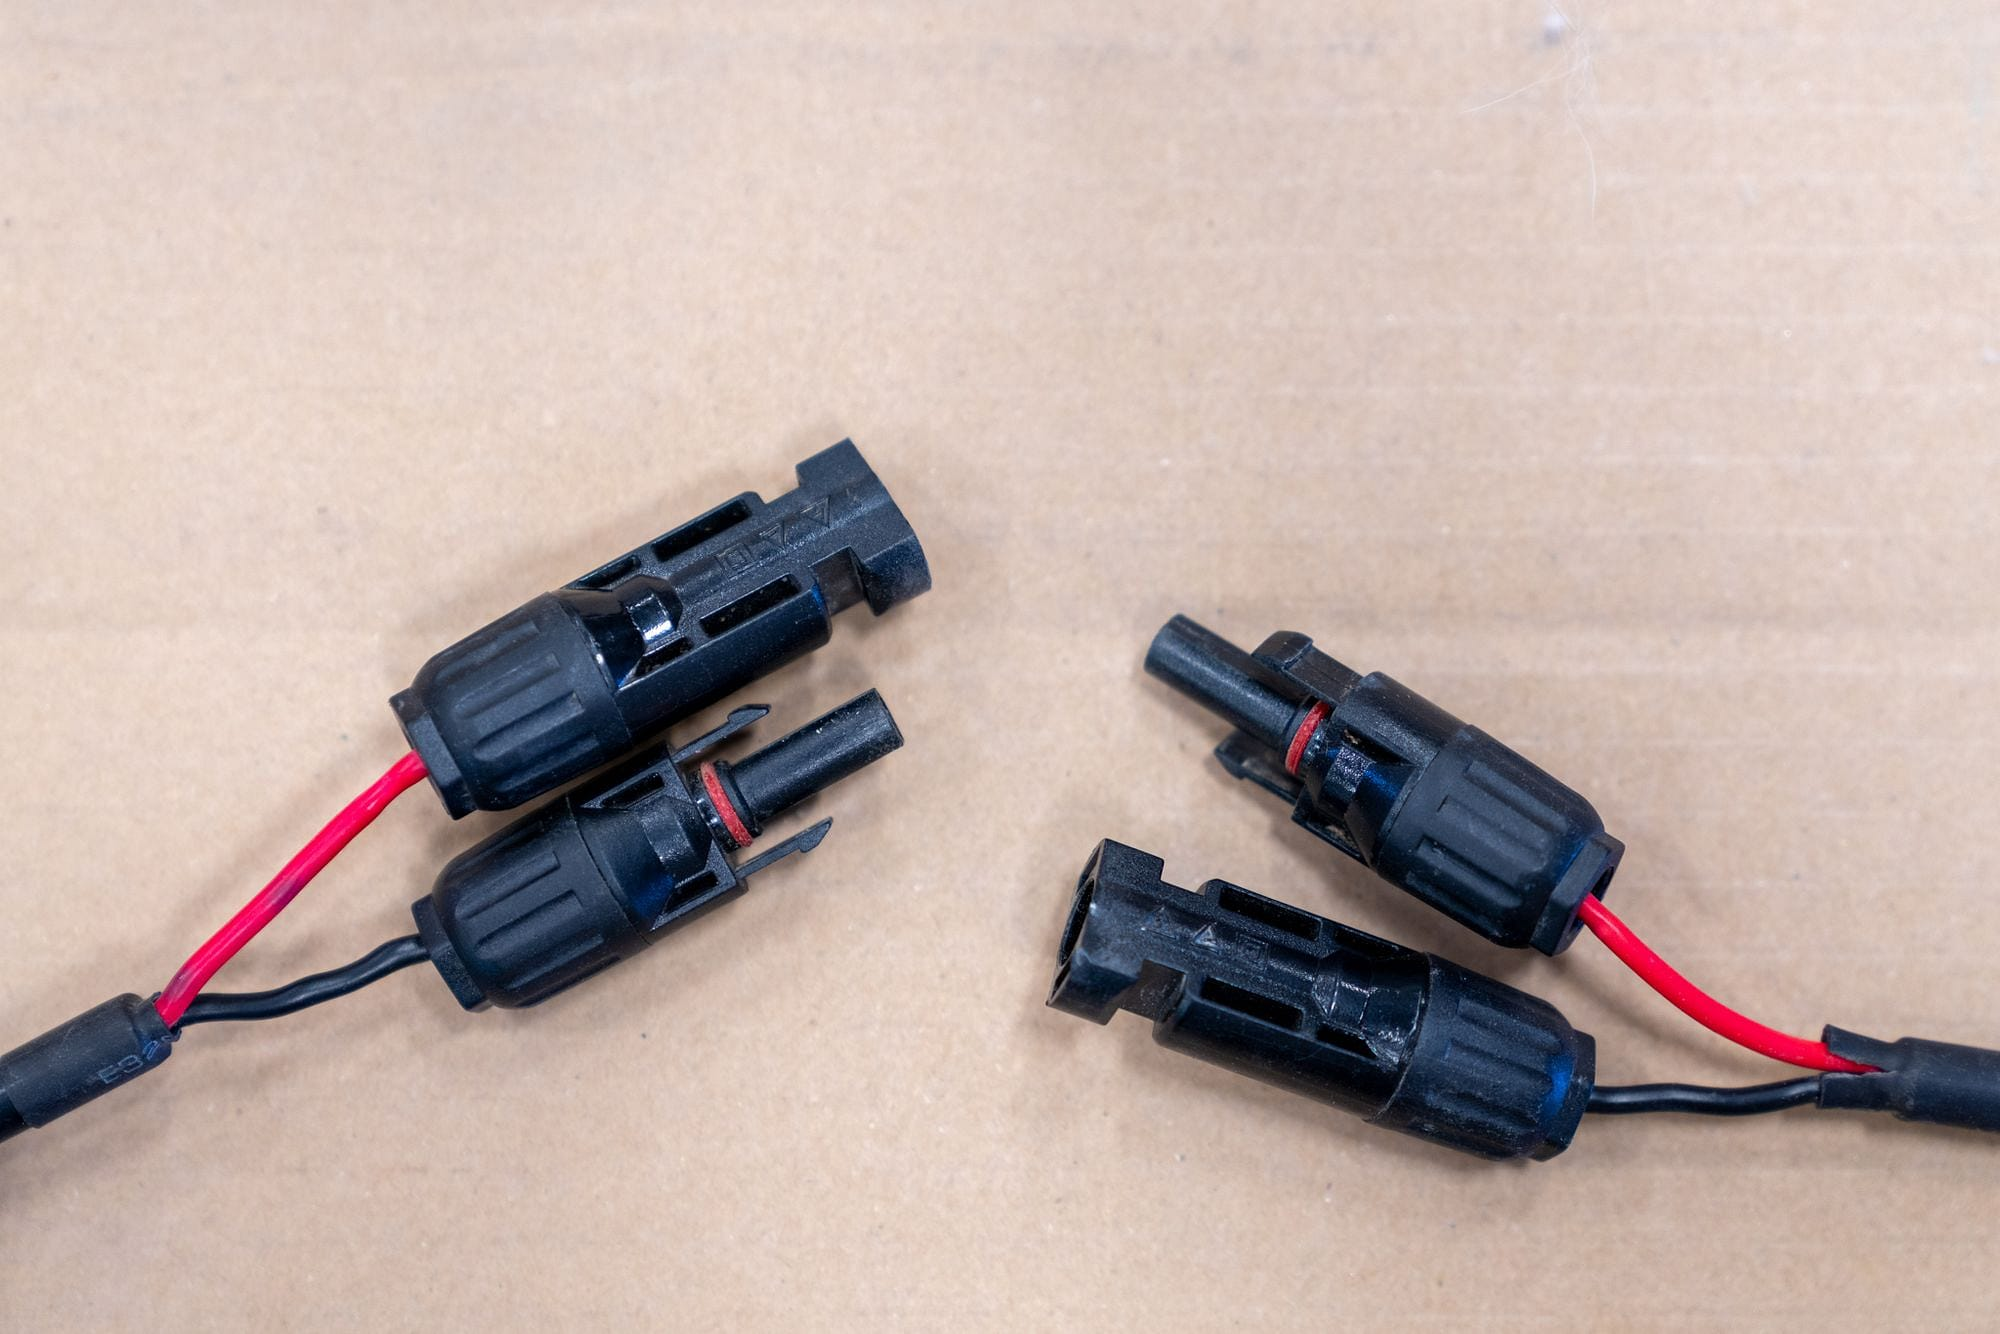 MC4 Connectors